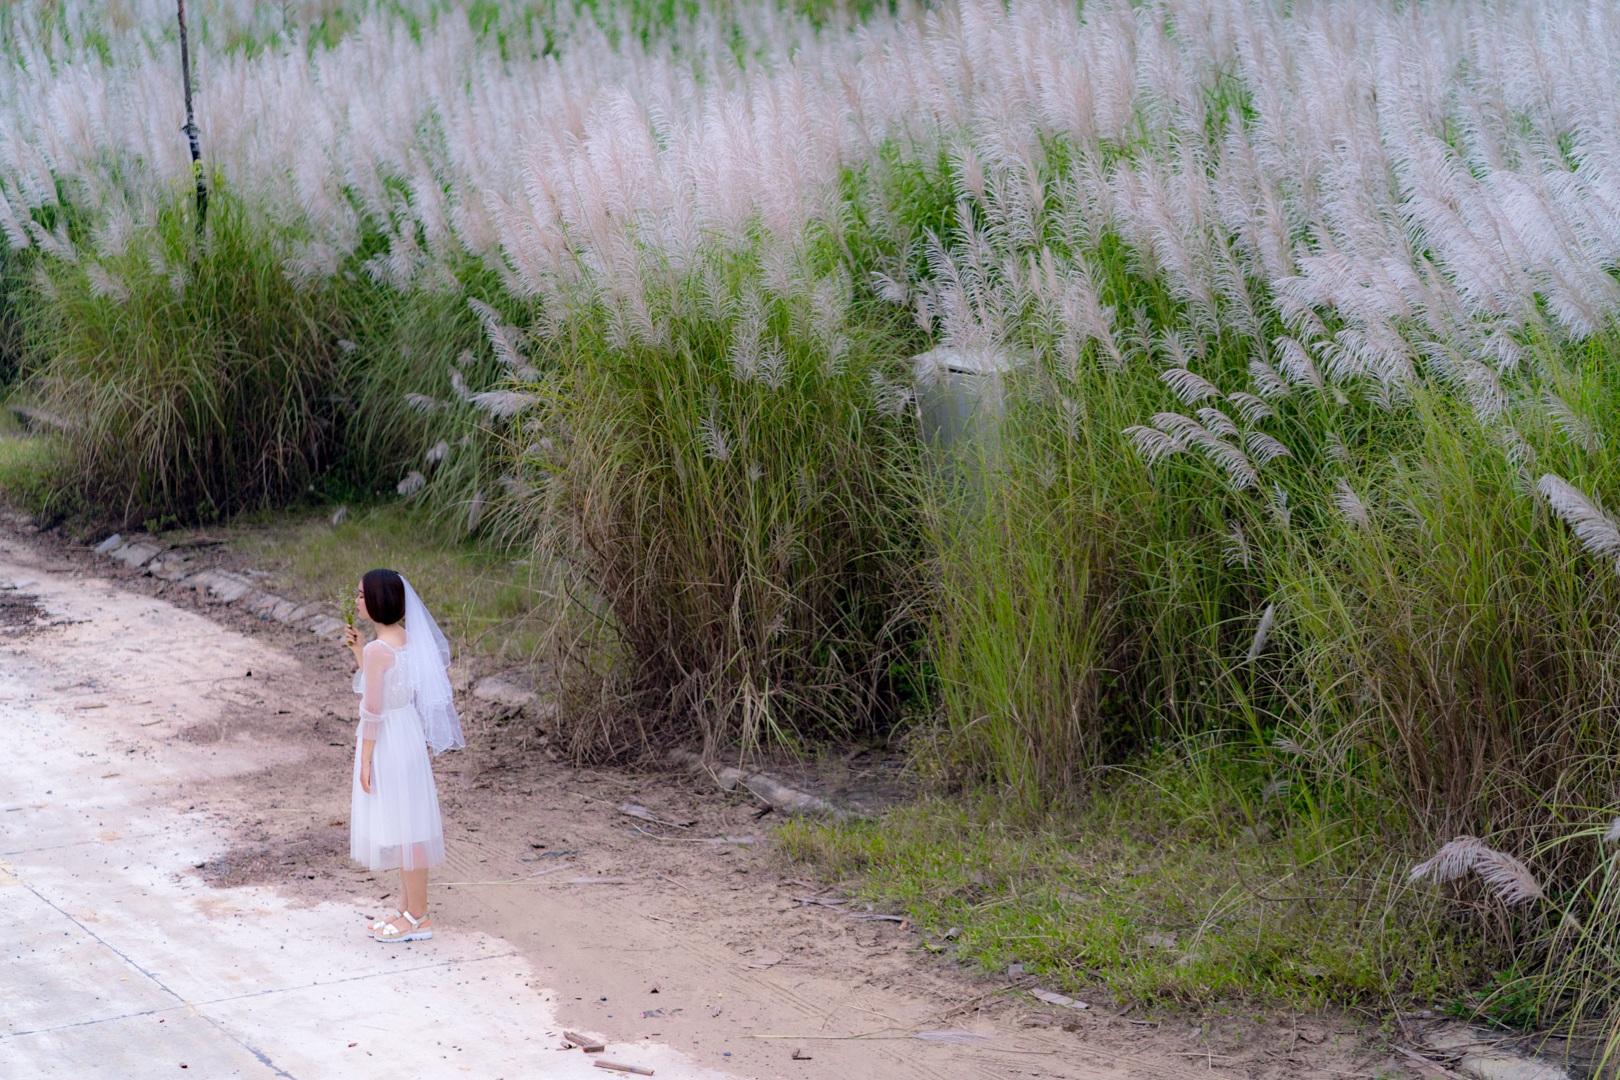 Bãi cỏ lau trắng tuyệt đẹp hút giới trẻ Hà thành tới sống ảo - 10